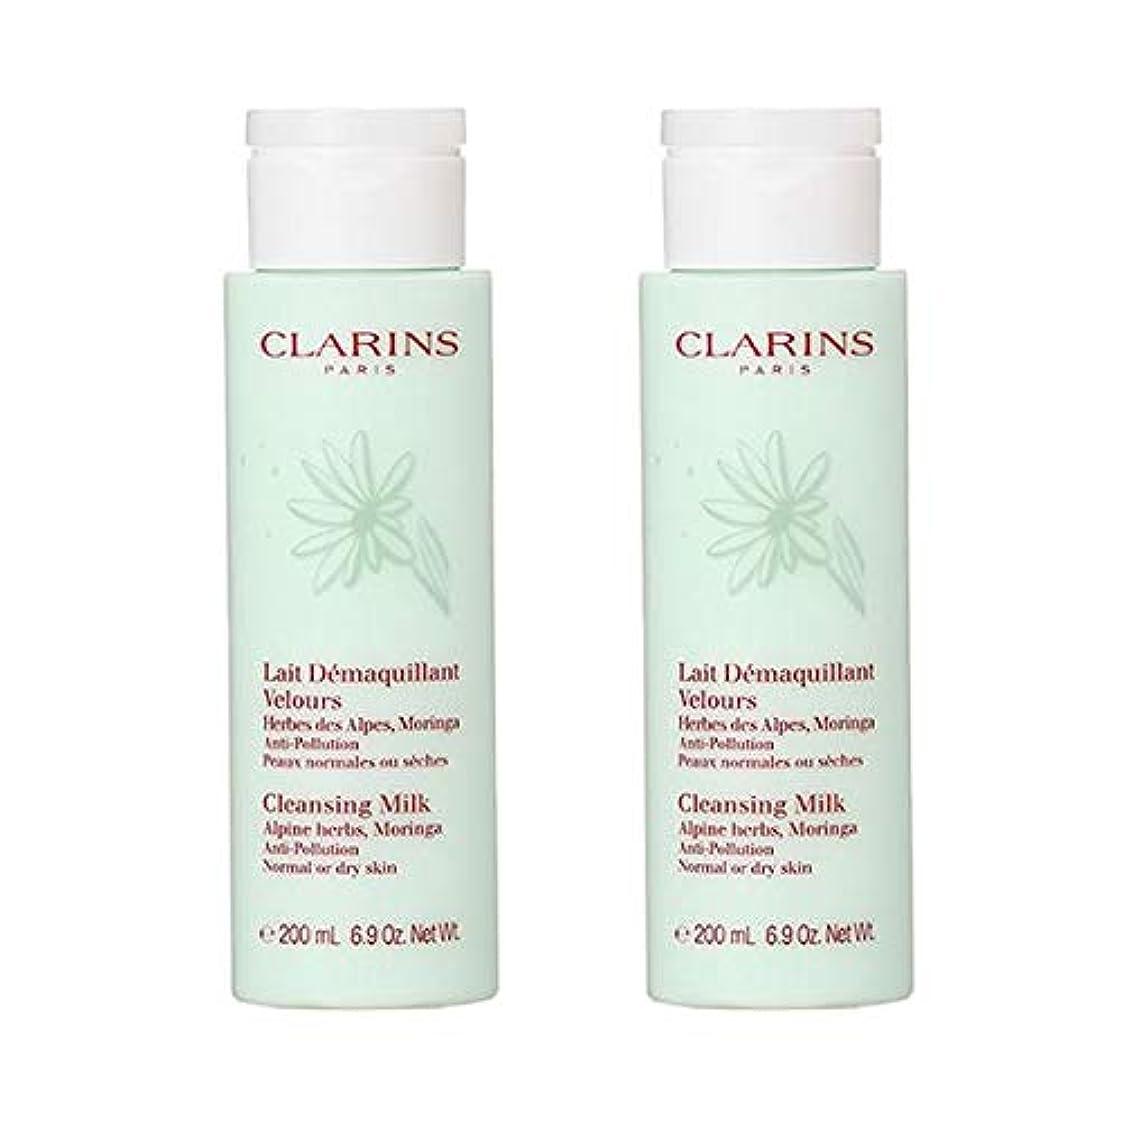 告白散文あなたは【セット】クラランス CLARINS クレンジングミルク ドライ/ノーマル 200mL 2個セット [並行輸入品]